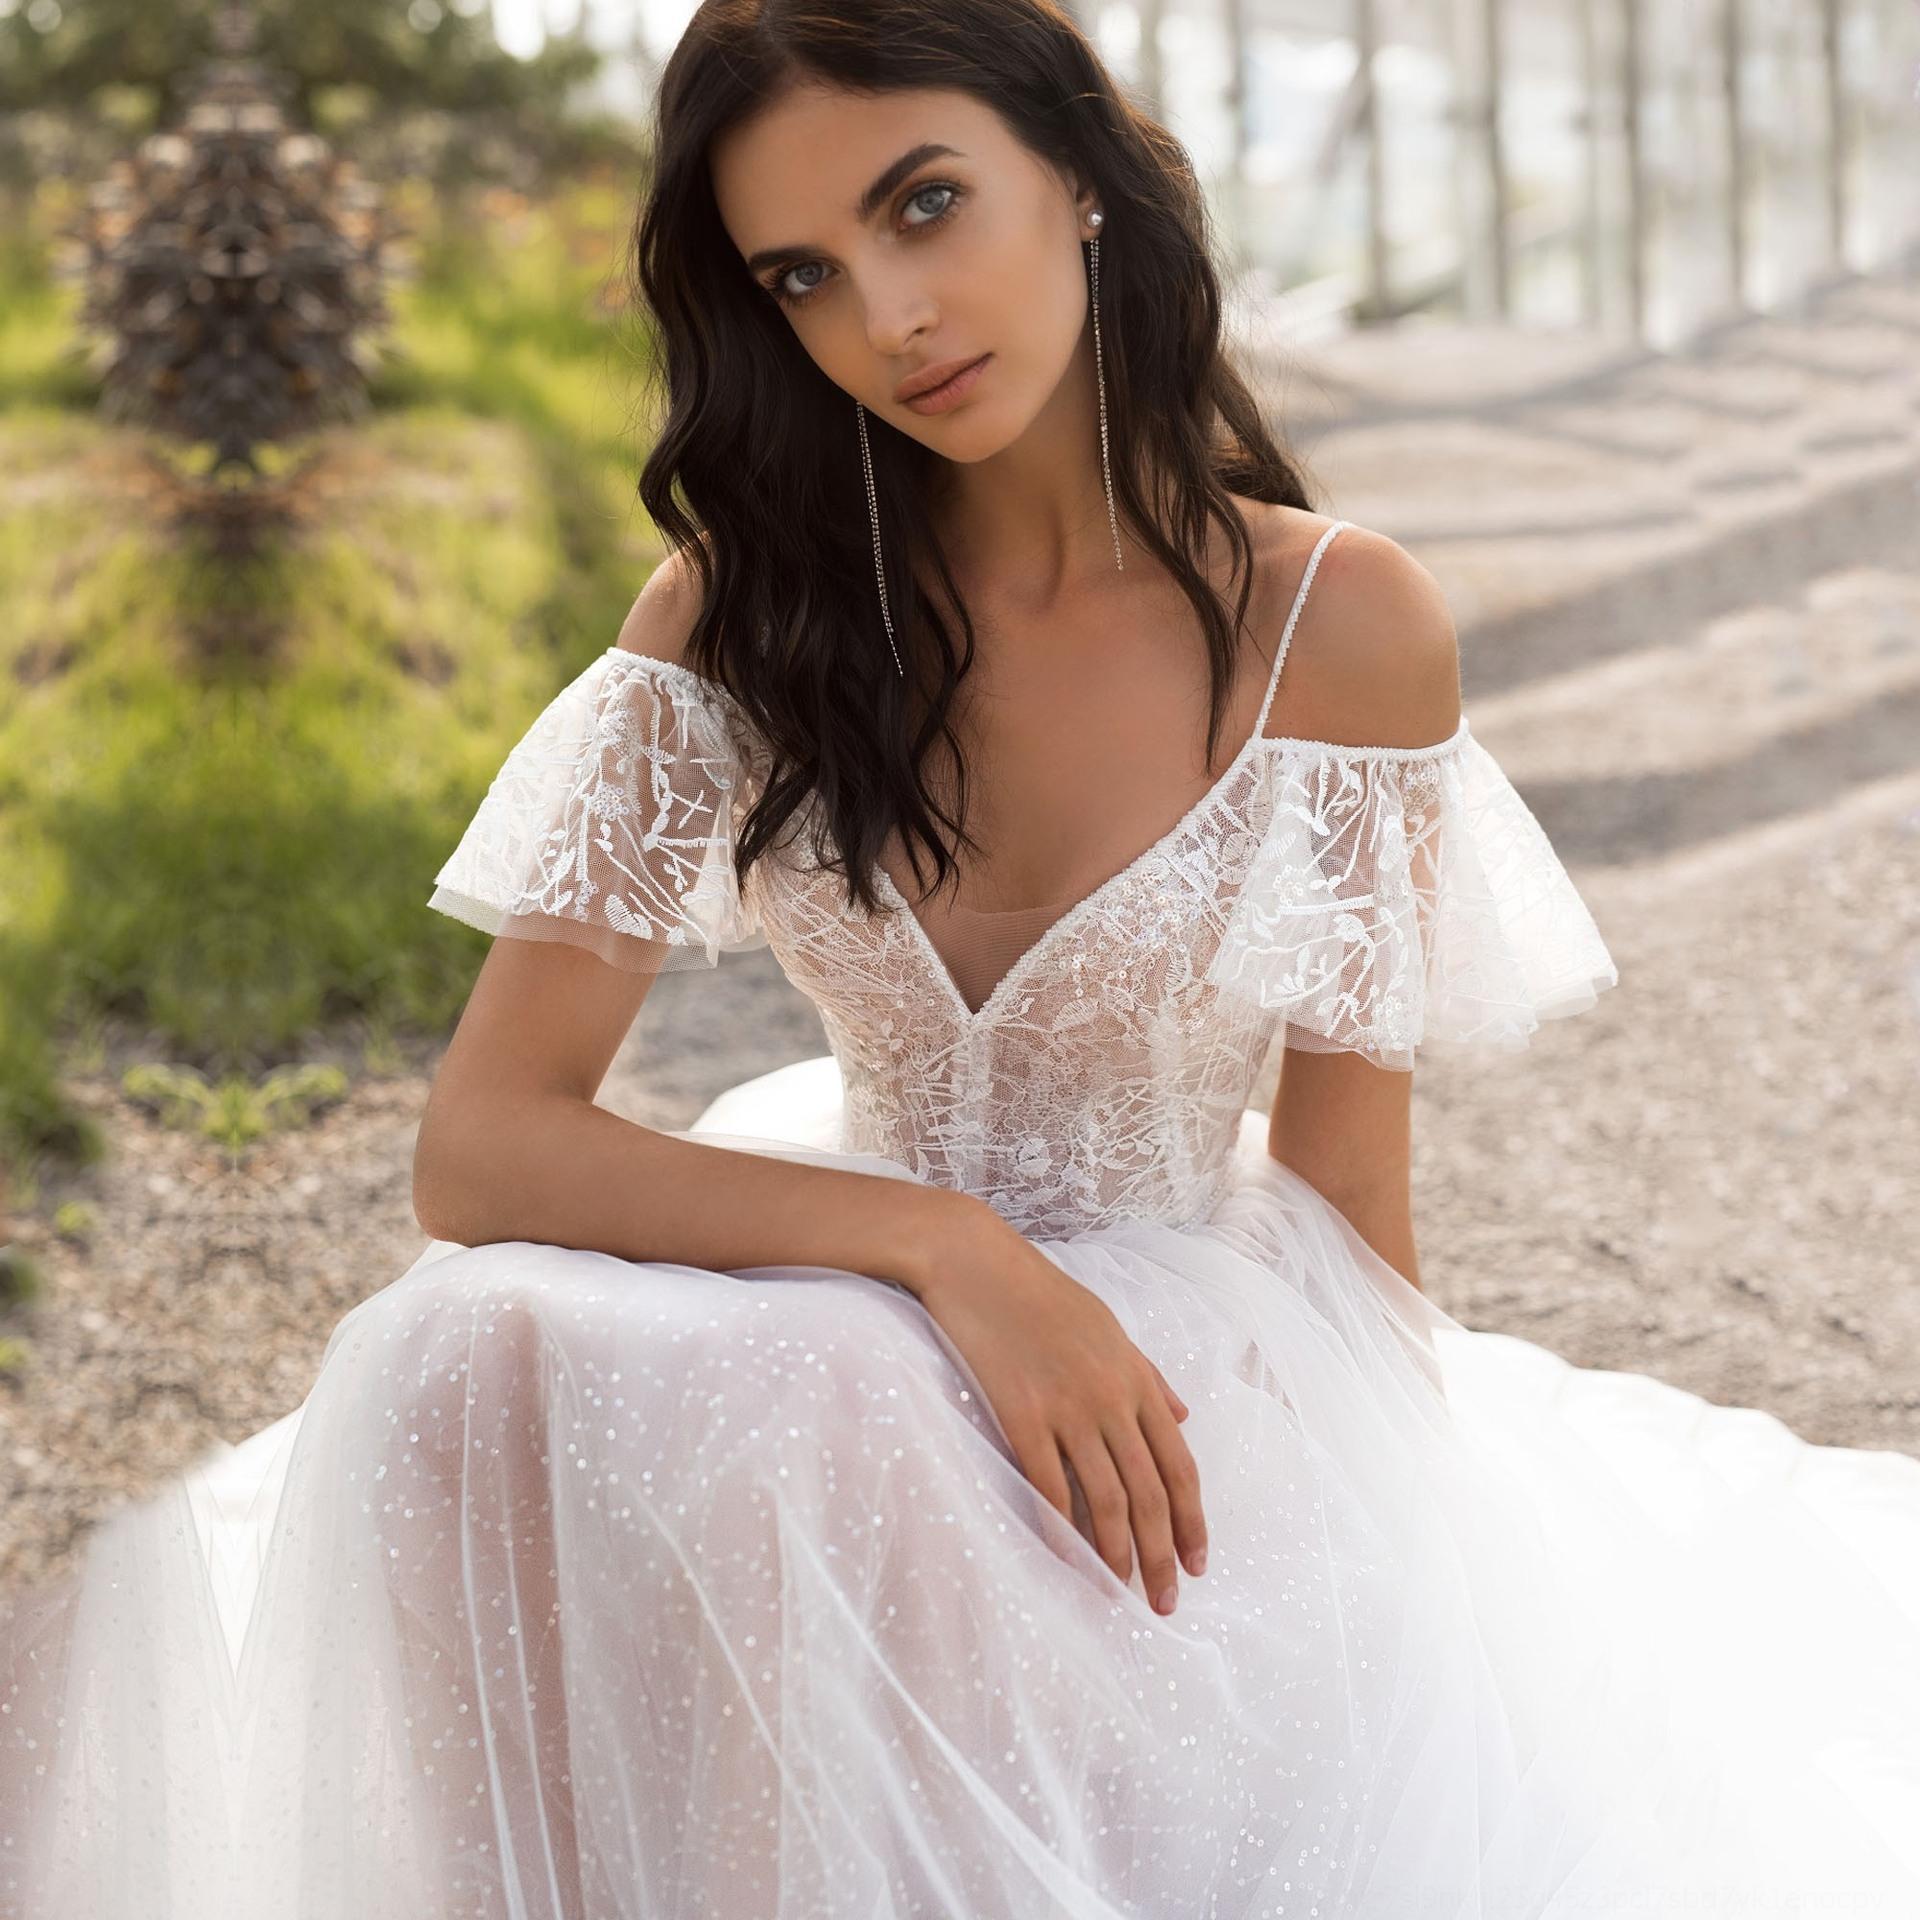 Sea2 Waistband vestido de verão mulheres tiras sem mangas vestido tassels glam partido gatsby franja 2018 com flapper